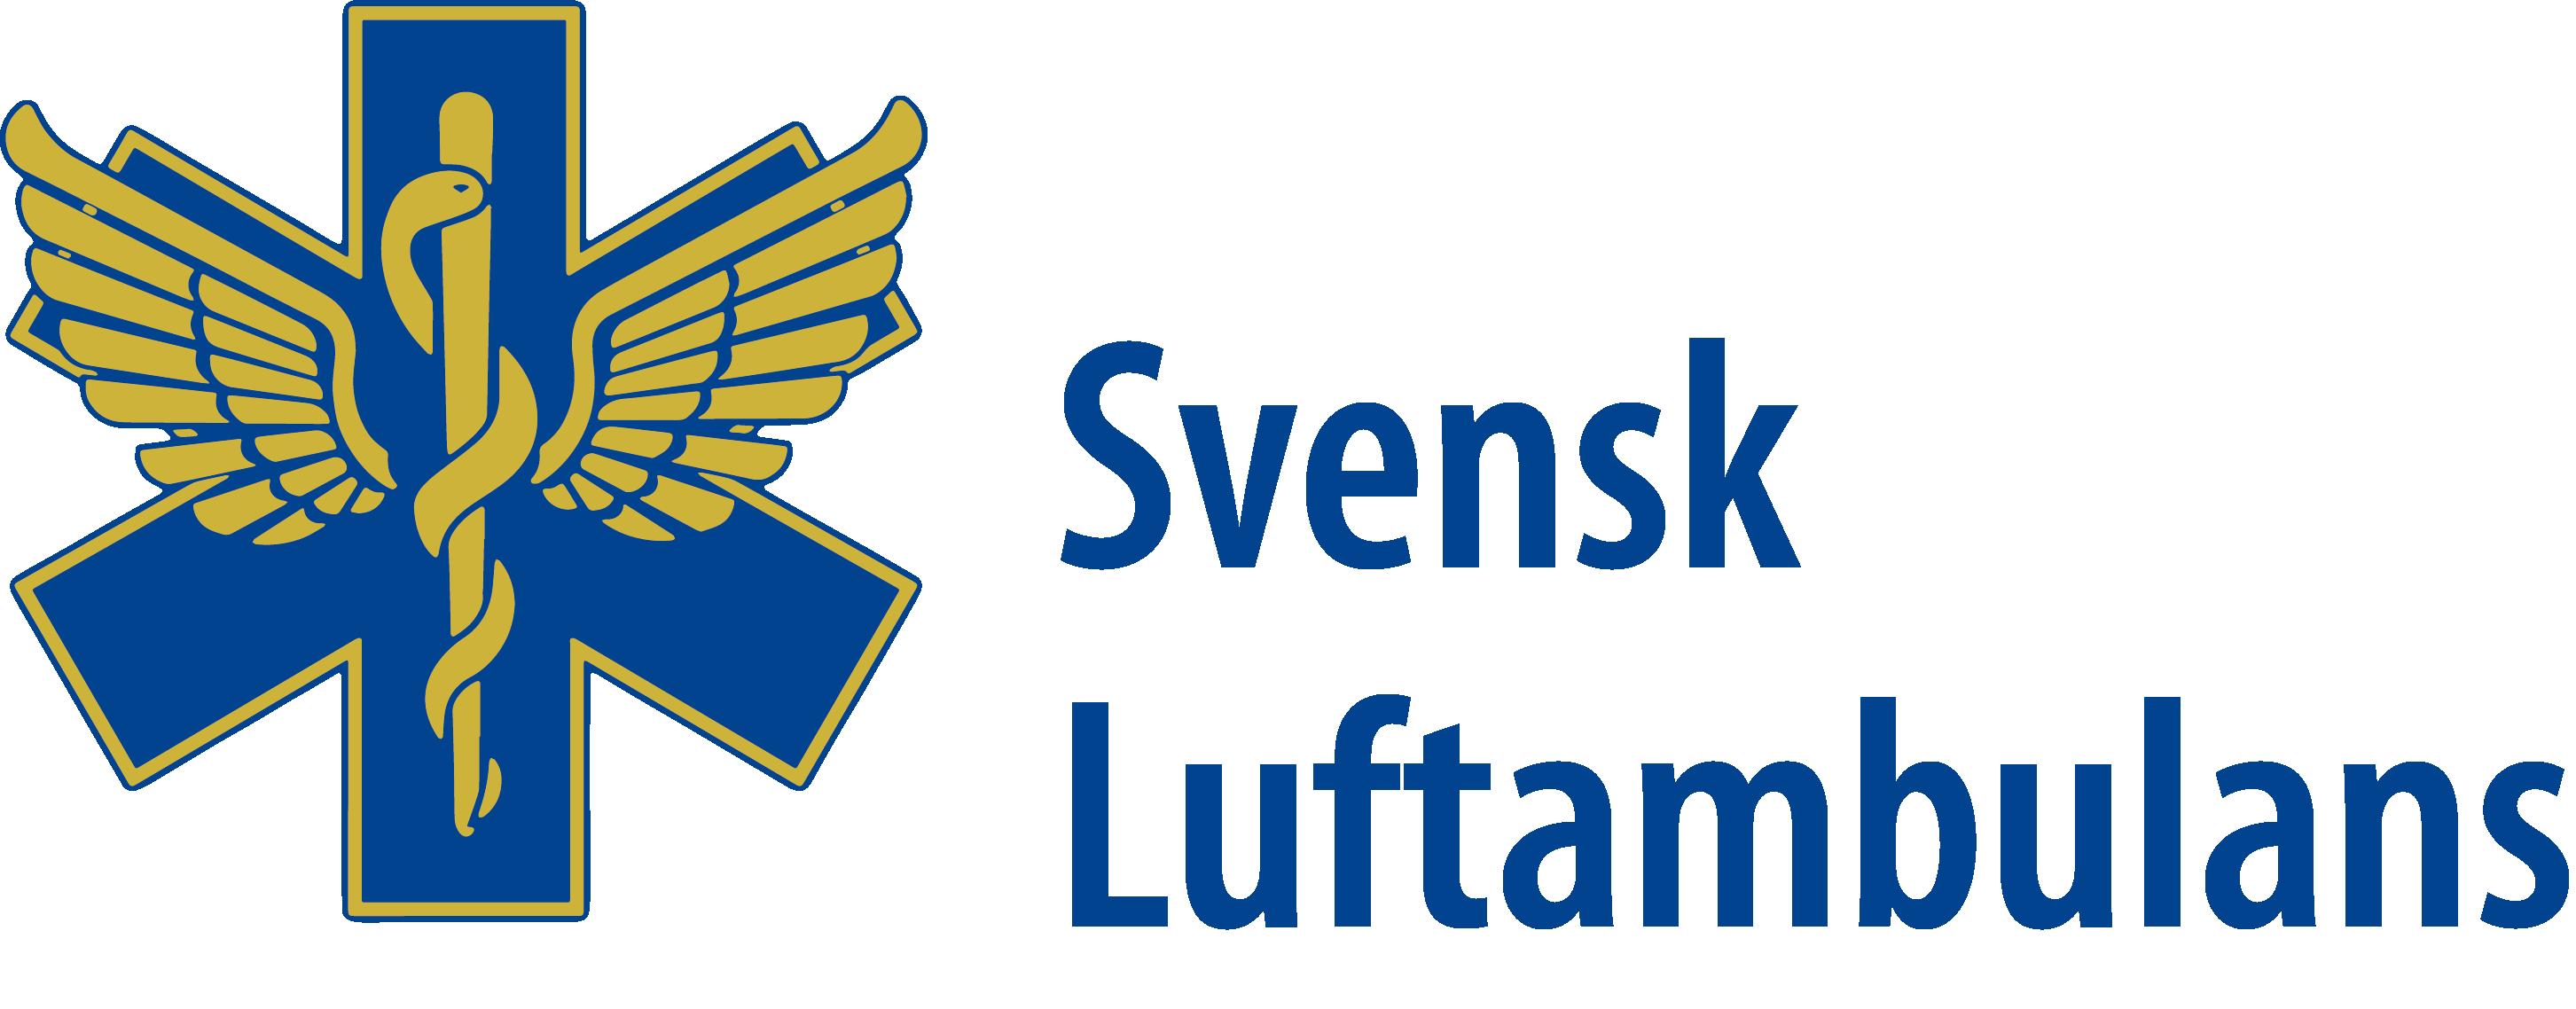 Svensk Luftambulans logotyp